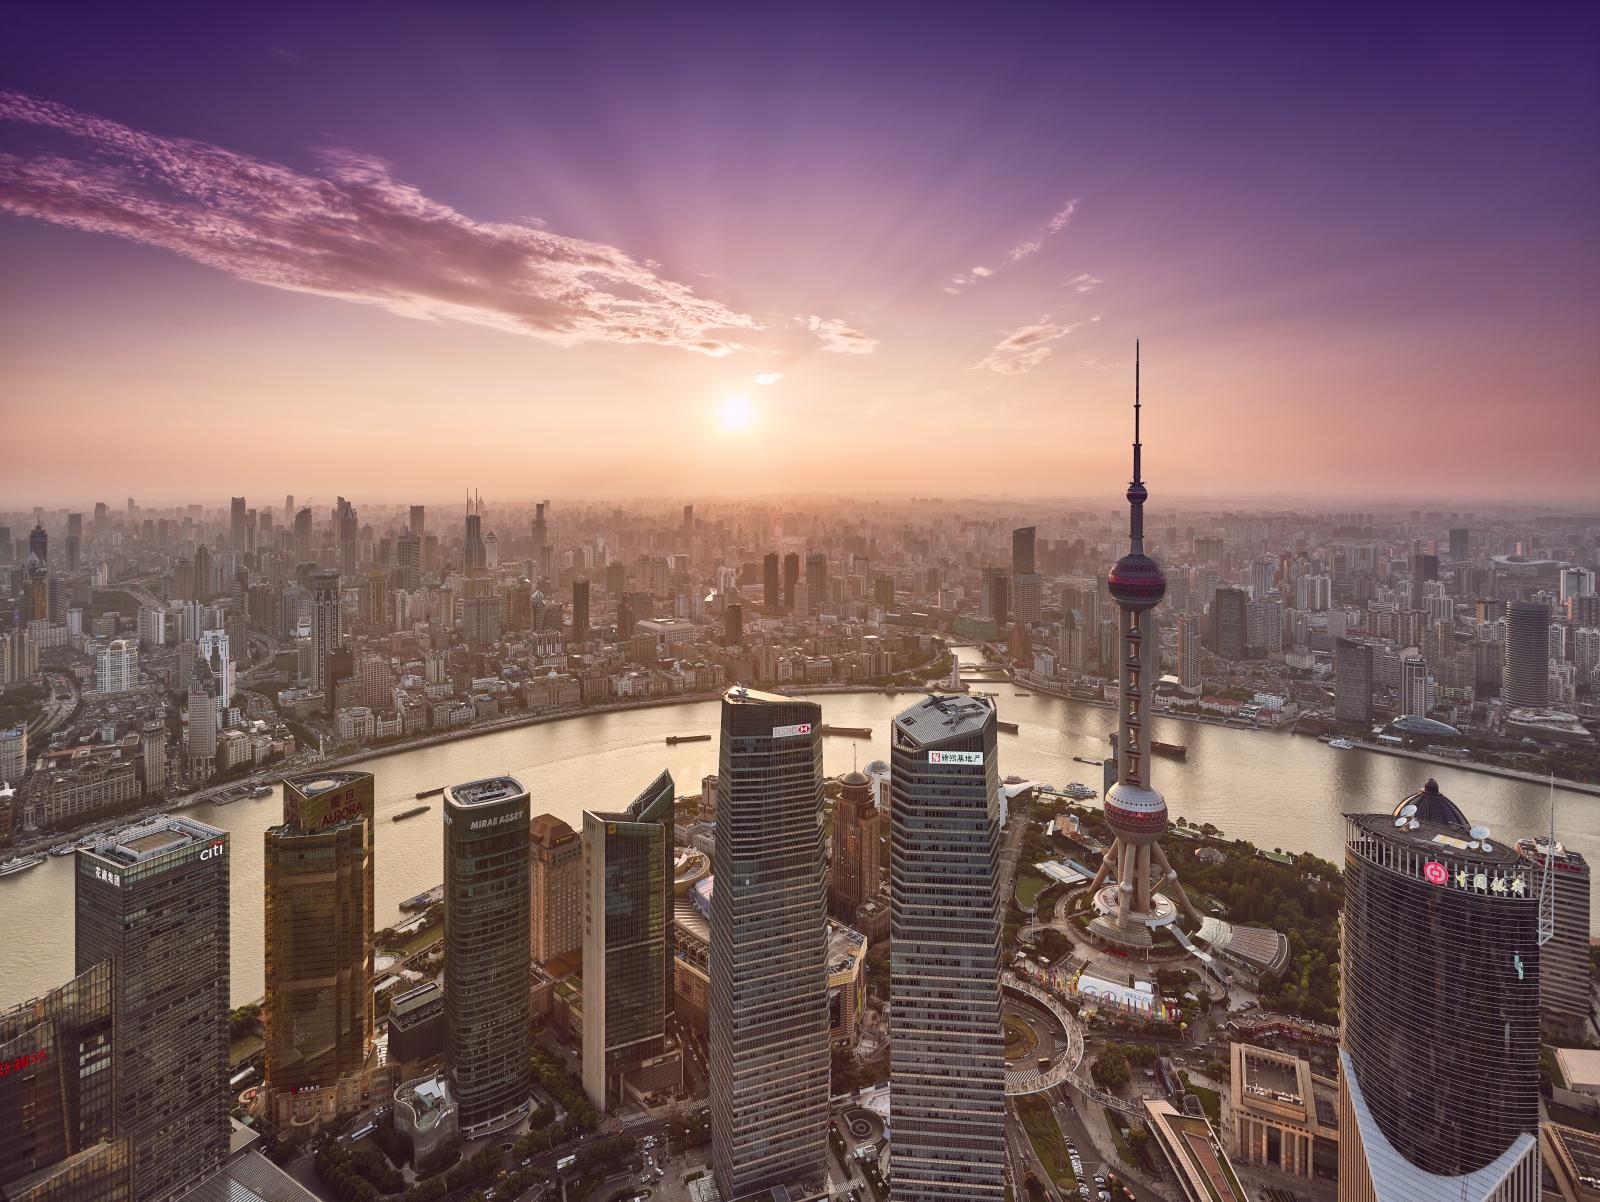 Grand Hyatt Shanghai One Of The Highest Hotel In The World